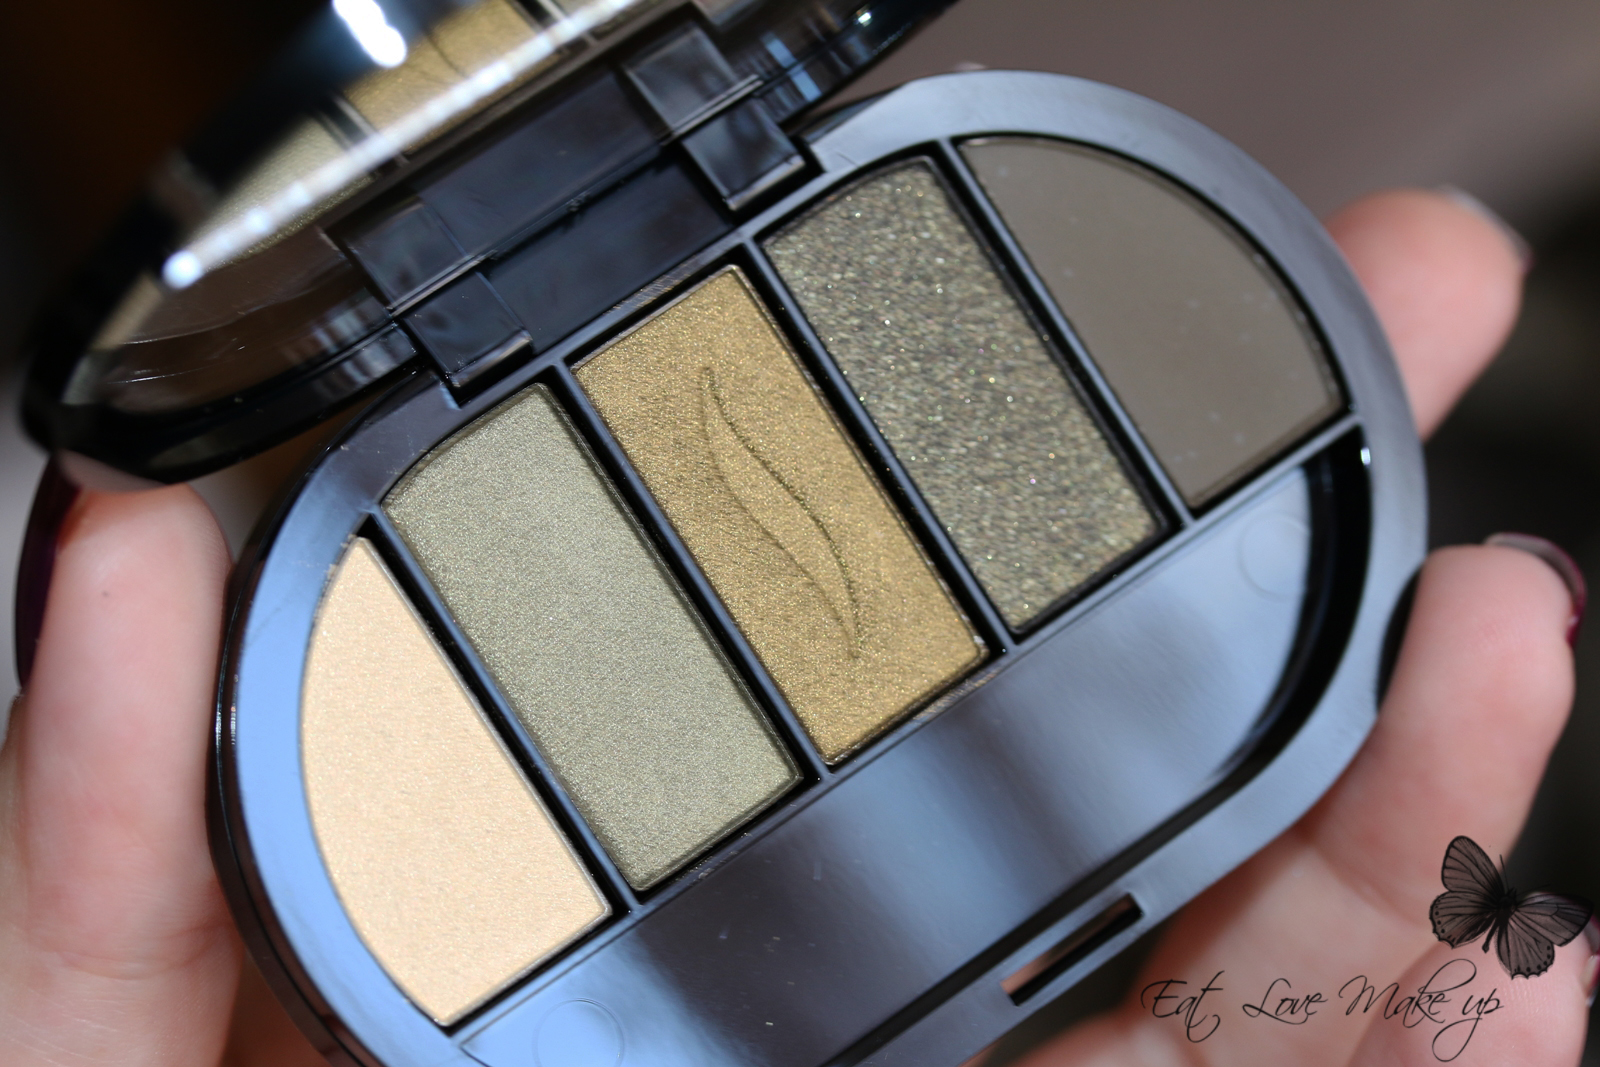 Sephora Colorful 5 Eyeshadow Palette Mild To Wild Khaki